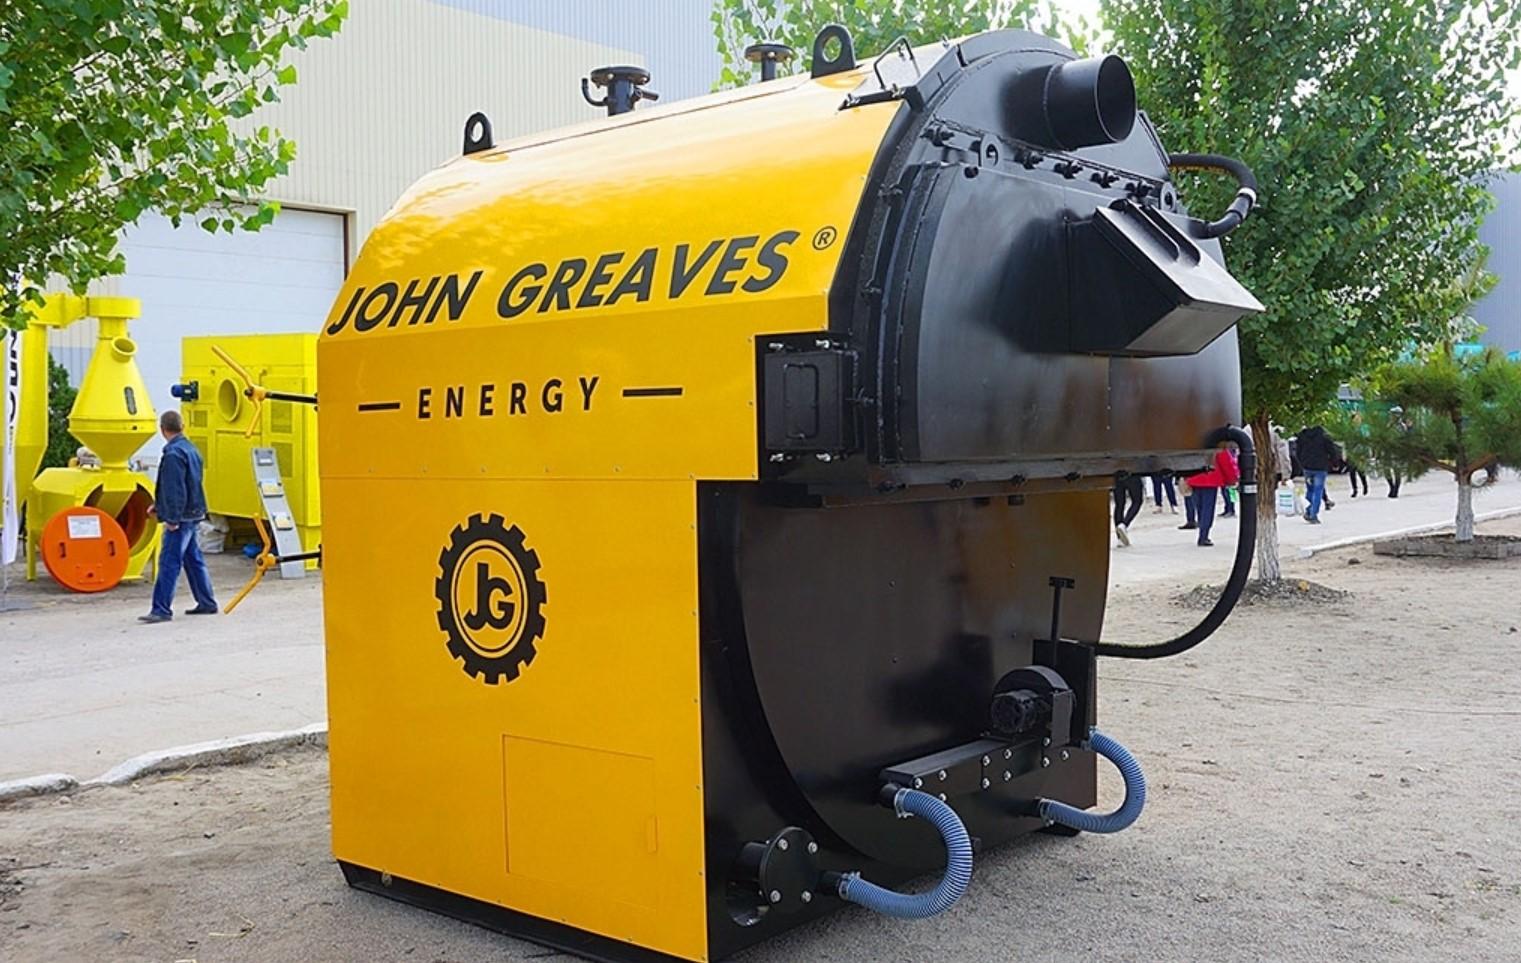 John Greaves представил энергоэффективную новинку